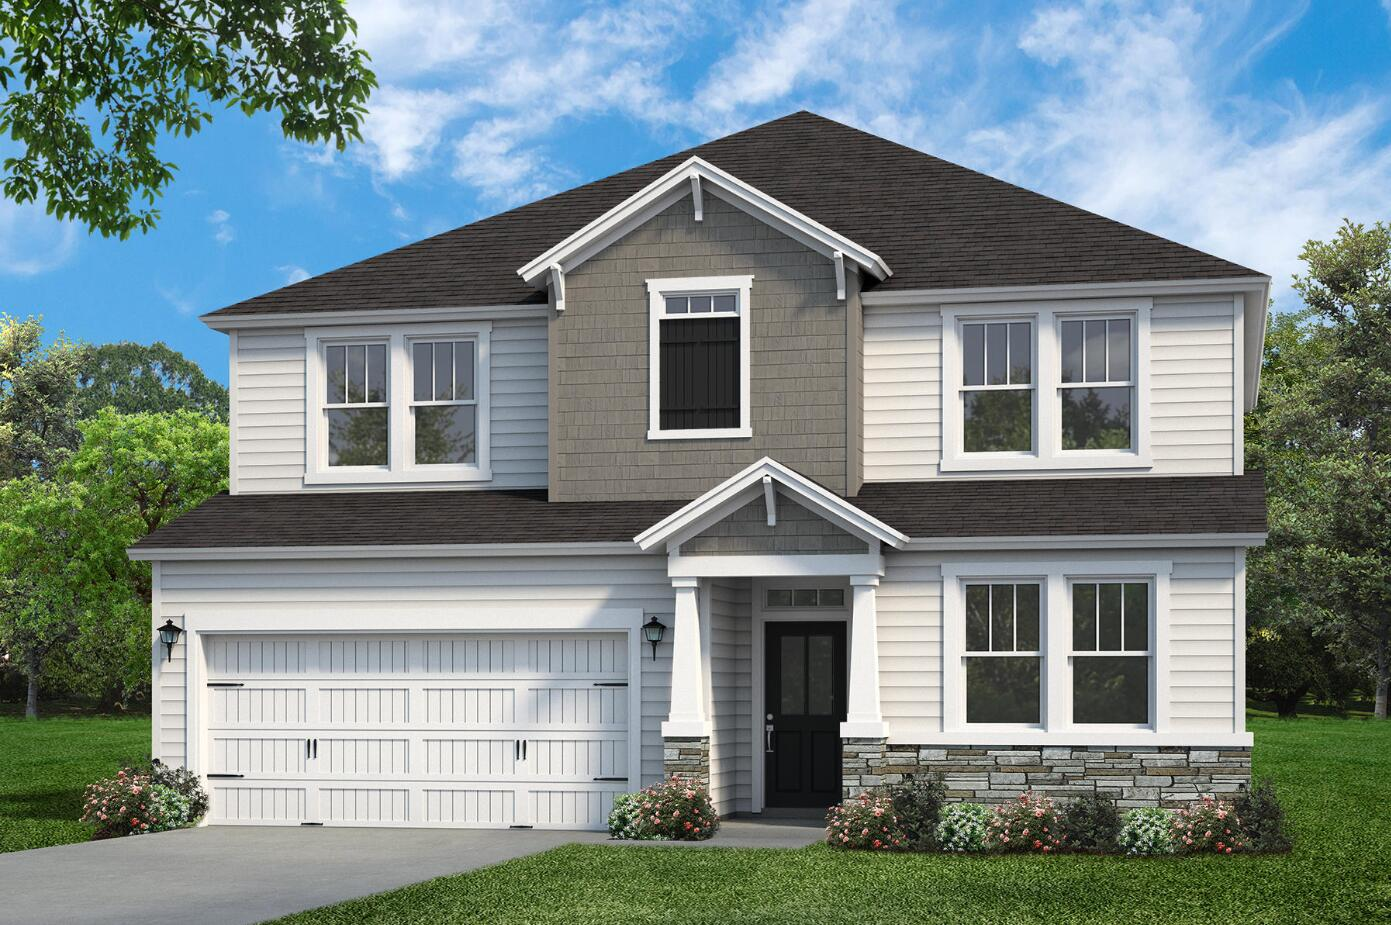 Lincolnville Square Homes For Sale - 718 Mason, Summerville, SC - 2